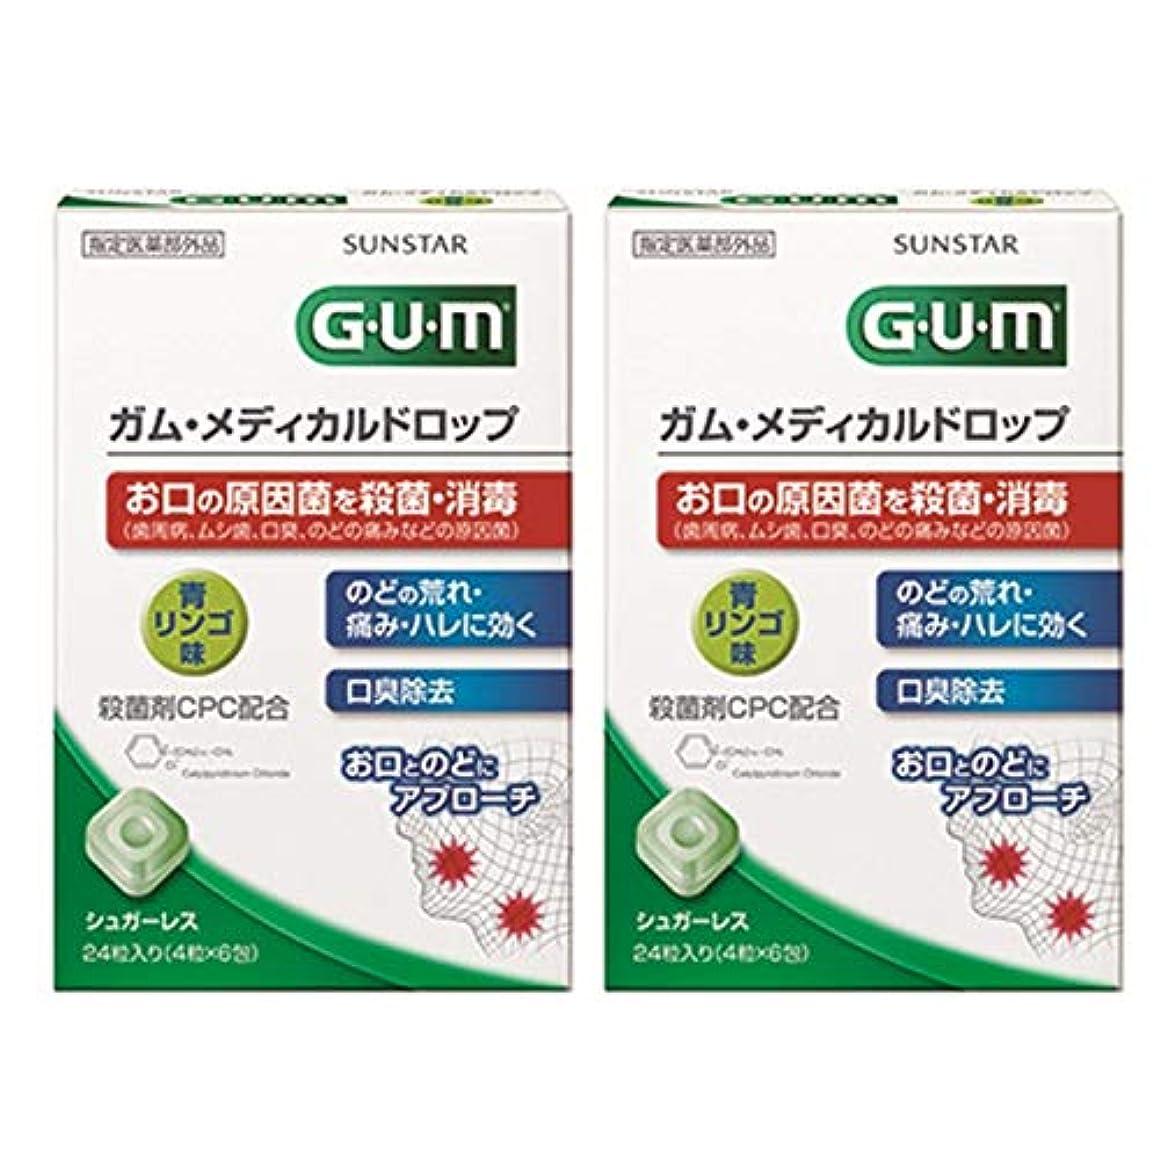 カーペット慈悲深い緩む[指定医薬部外品] GUM(ガム) メディカルドロップ 青リンゴ味 2個パック <口臭除去?のどの荒れ、痛み、ハレ対策>